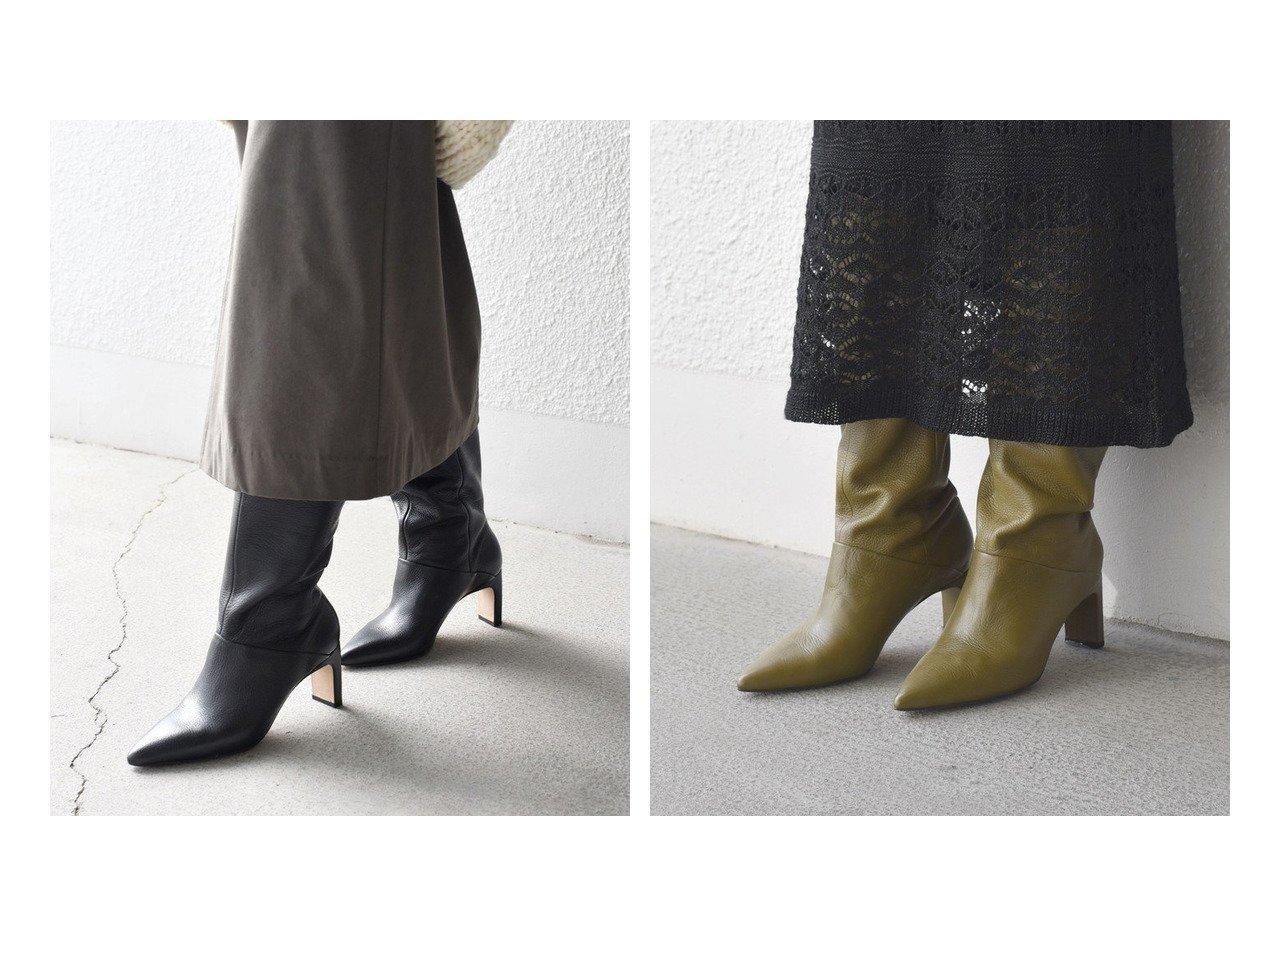 【SHIPS/シップス フォー ウィメン】のPYRAMIDIS ロングヒールブーツ シューズ・靴のおすすめ!人気トレンド・レディースファッションの通販 おすすめで人気の流行・トレンド、ファッションの通販商品 メンズファッション・キッズファッション・インテリア・家具・レディースファッション・服の通販 founy(ファニー) https://founy.com/ ファッション Fashion レディースファッション WOMEN シューズ スタンダード バランス ロング |ID:crp329100000008545